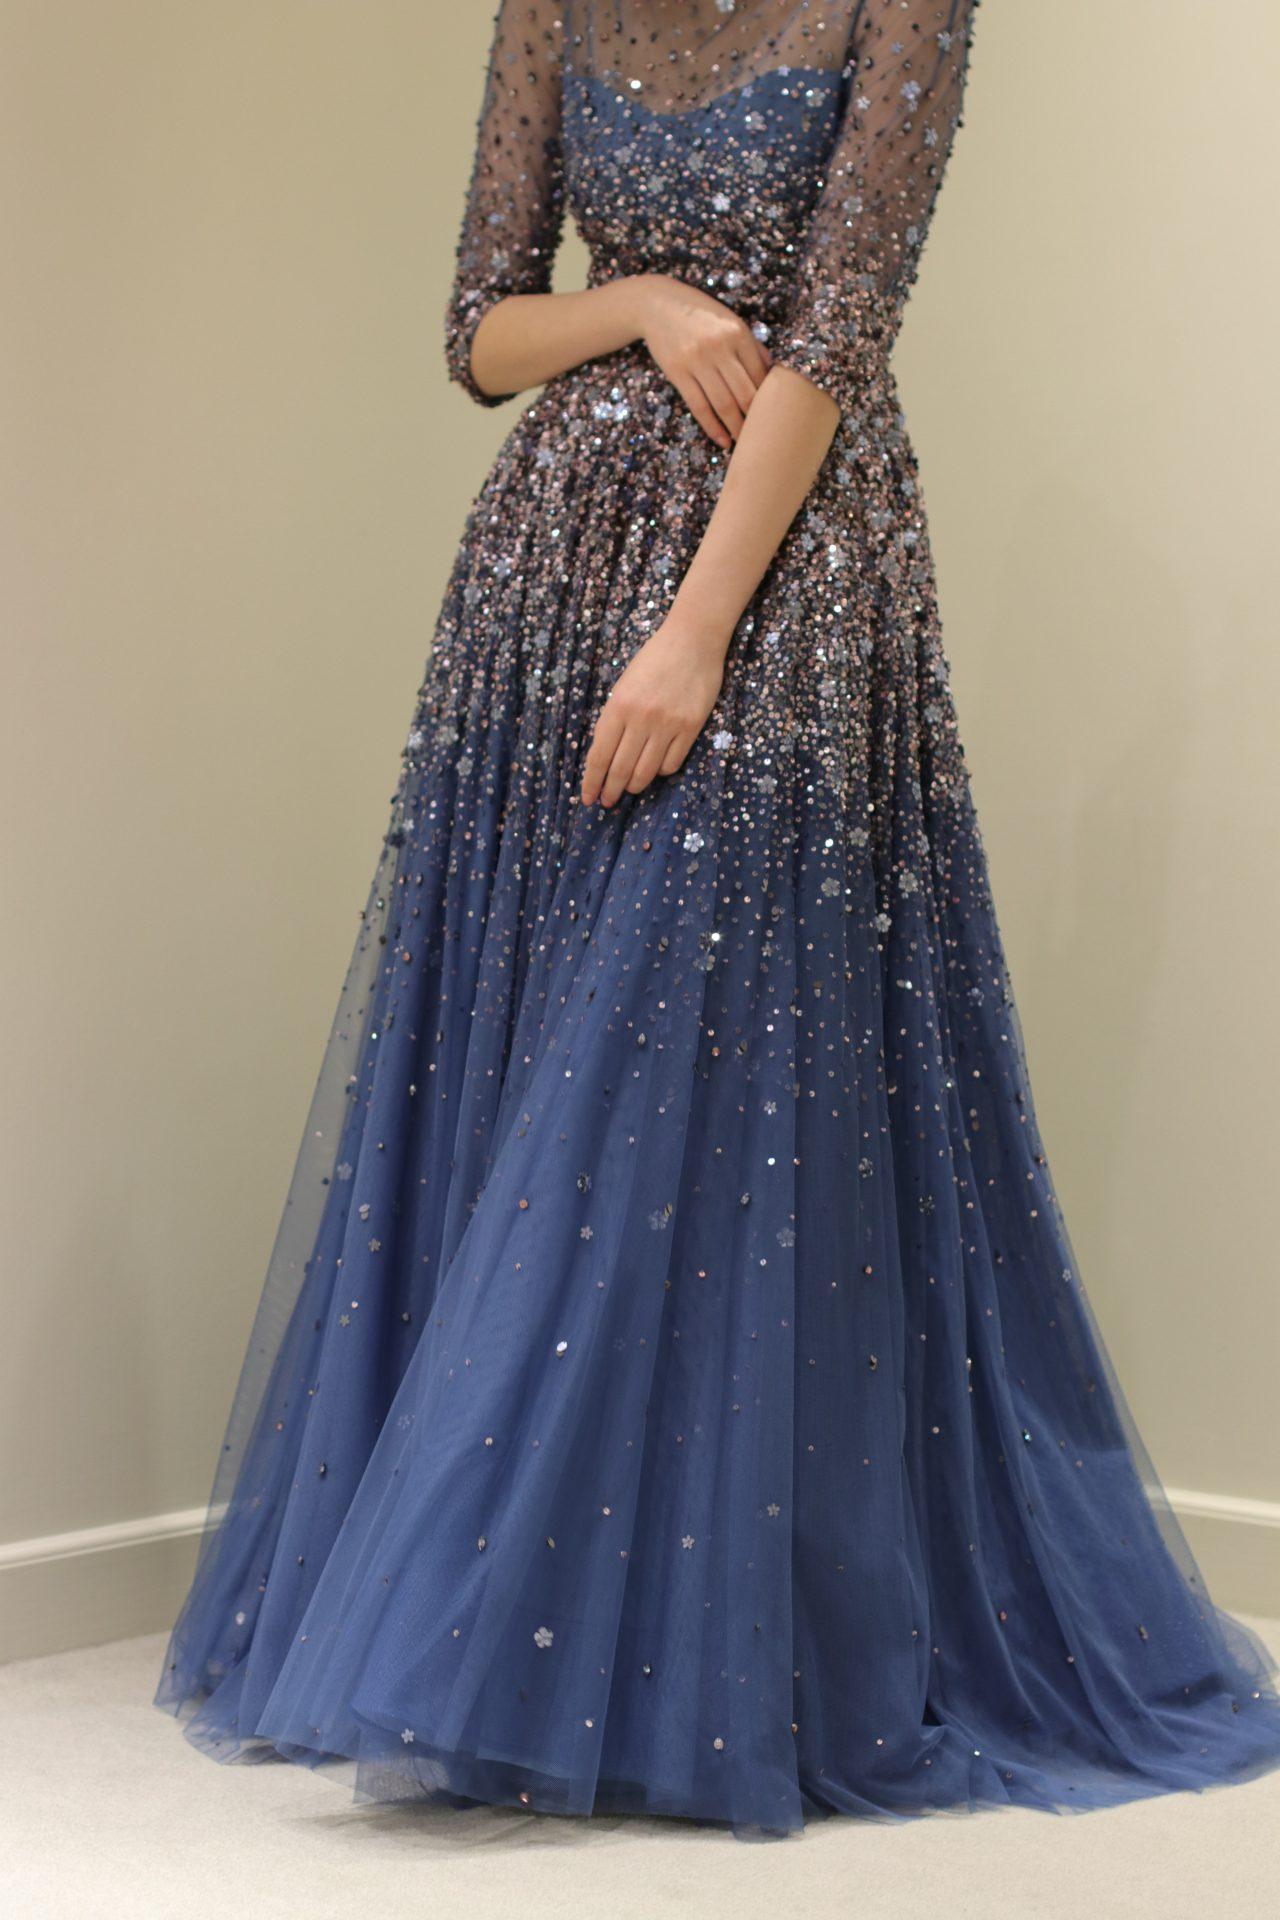 トリートドレッシングが少人数ウエディングドレスにおすすめしたいビジューやスパンコールの美しいジェニーパッカムの新作カラードレス